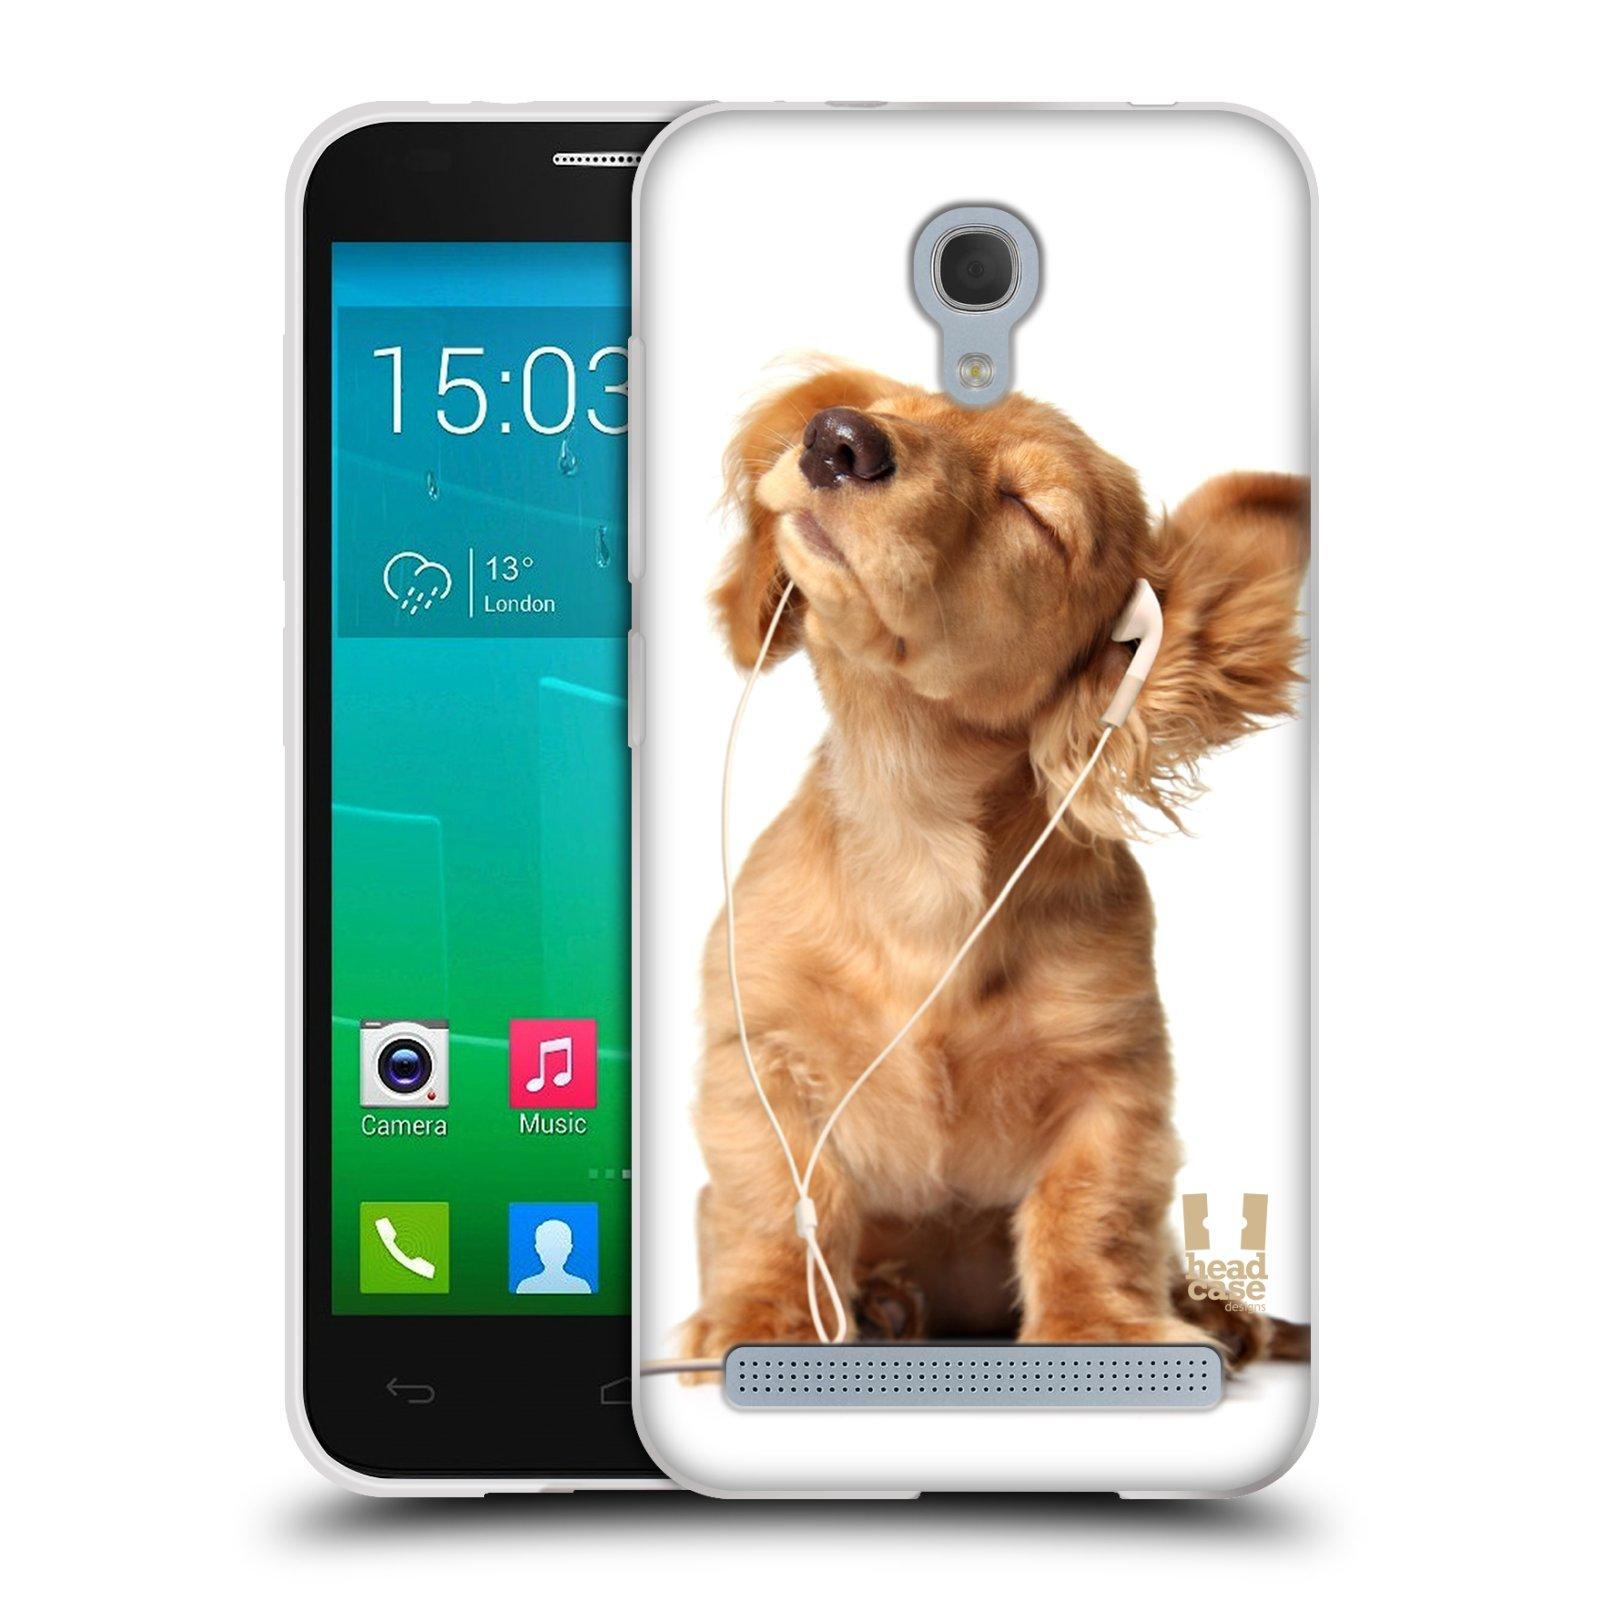 HEAD CASE silikonový obal na mobil Alcatel Idol 2 MINI S 6036Y vzor Legrační zvířátka roztomilé štěňátko se sluchátky MUSIC